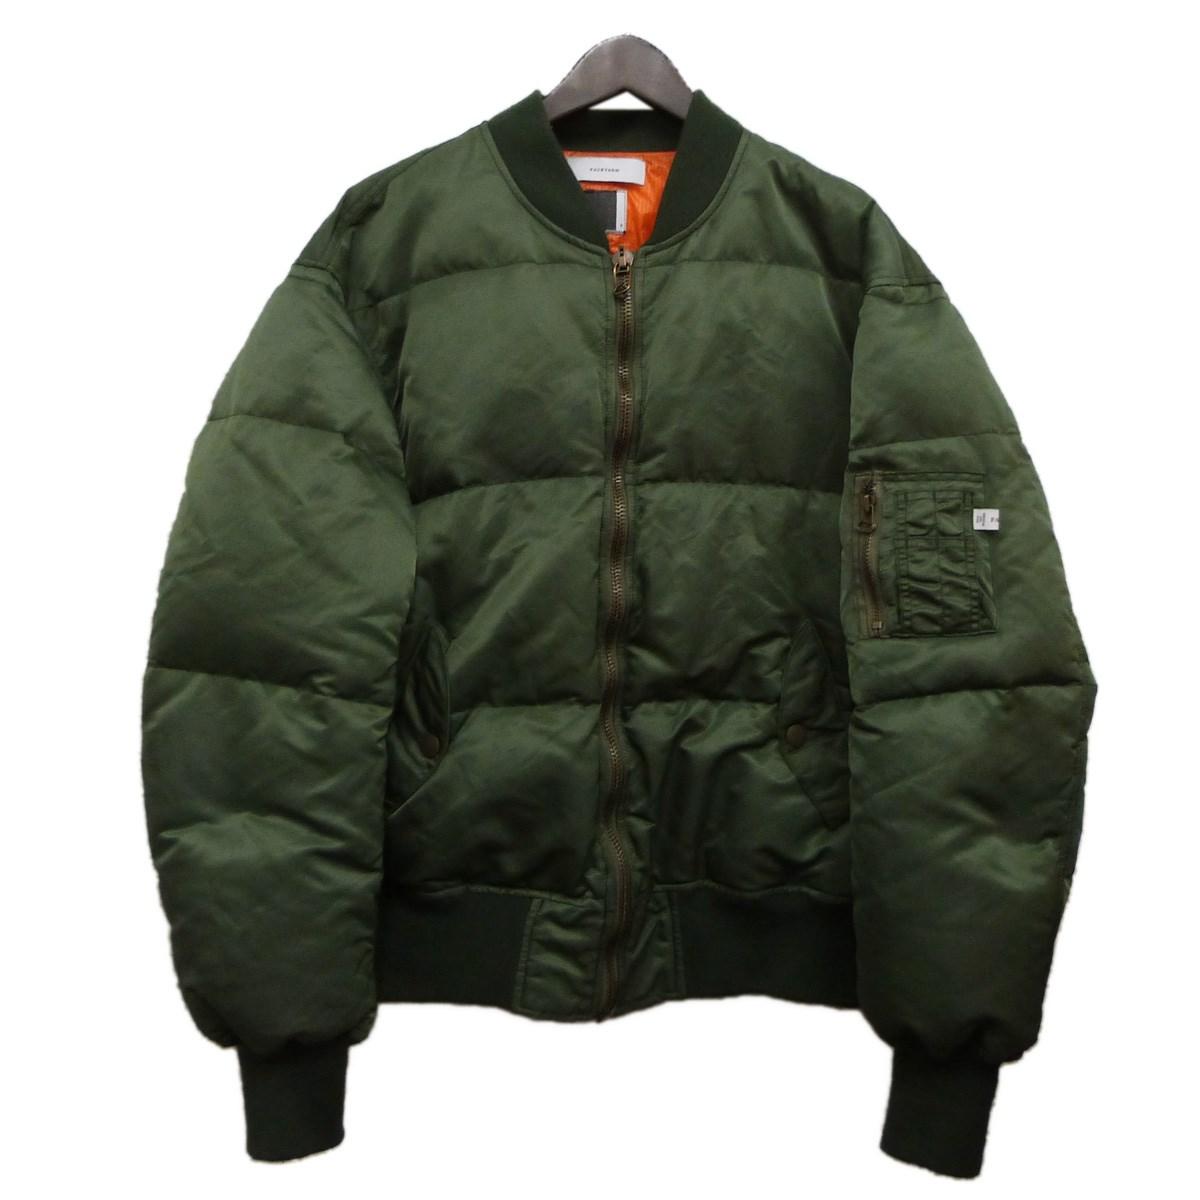 【中古】FACETASM MA-1ダウンジャケット カーキ サイズ:3 【131019】(ファセッタズム)